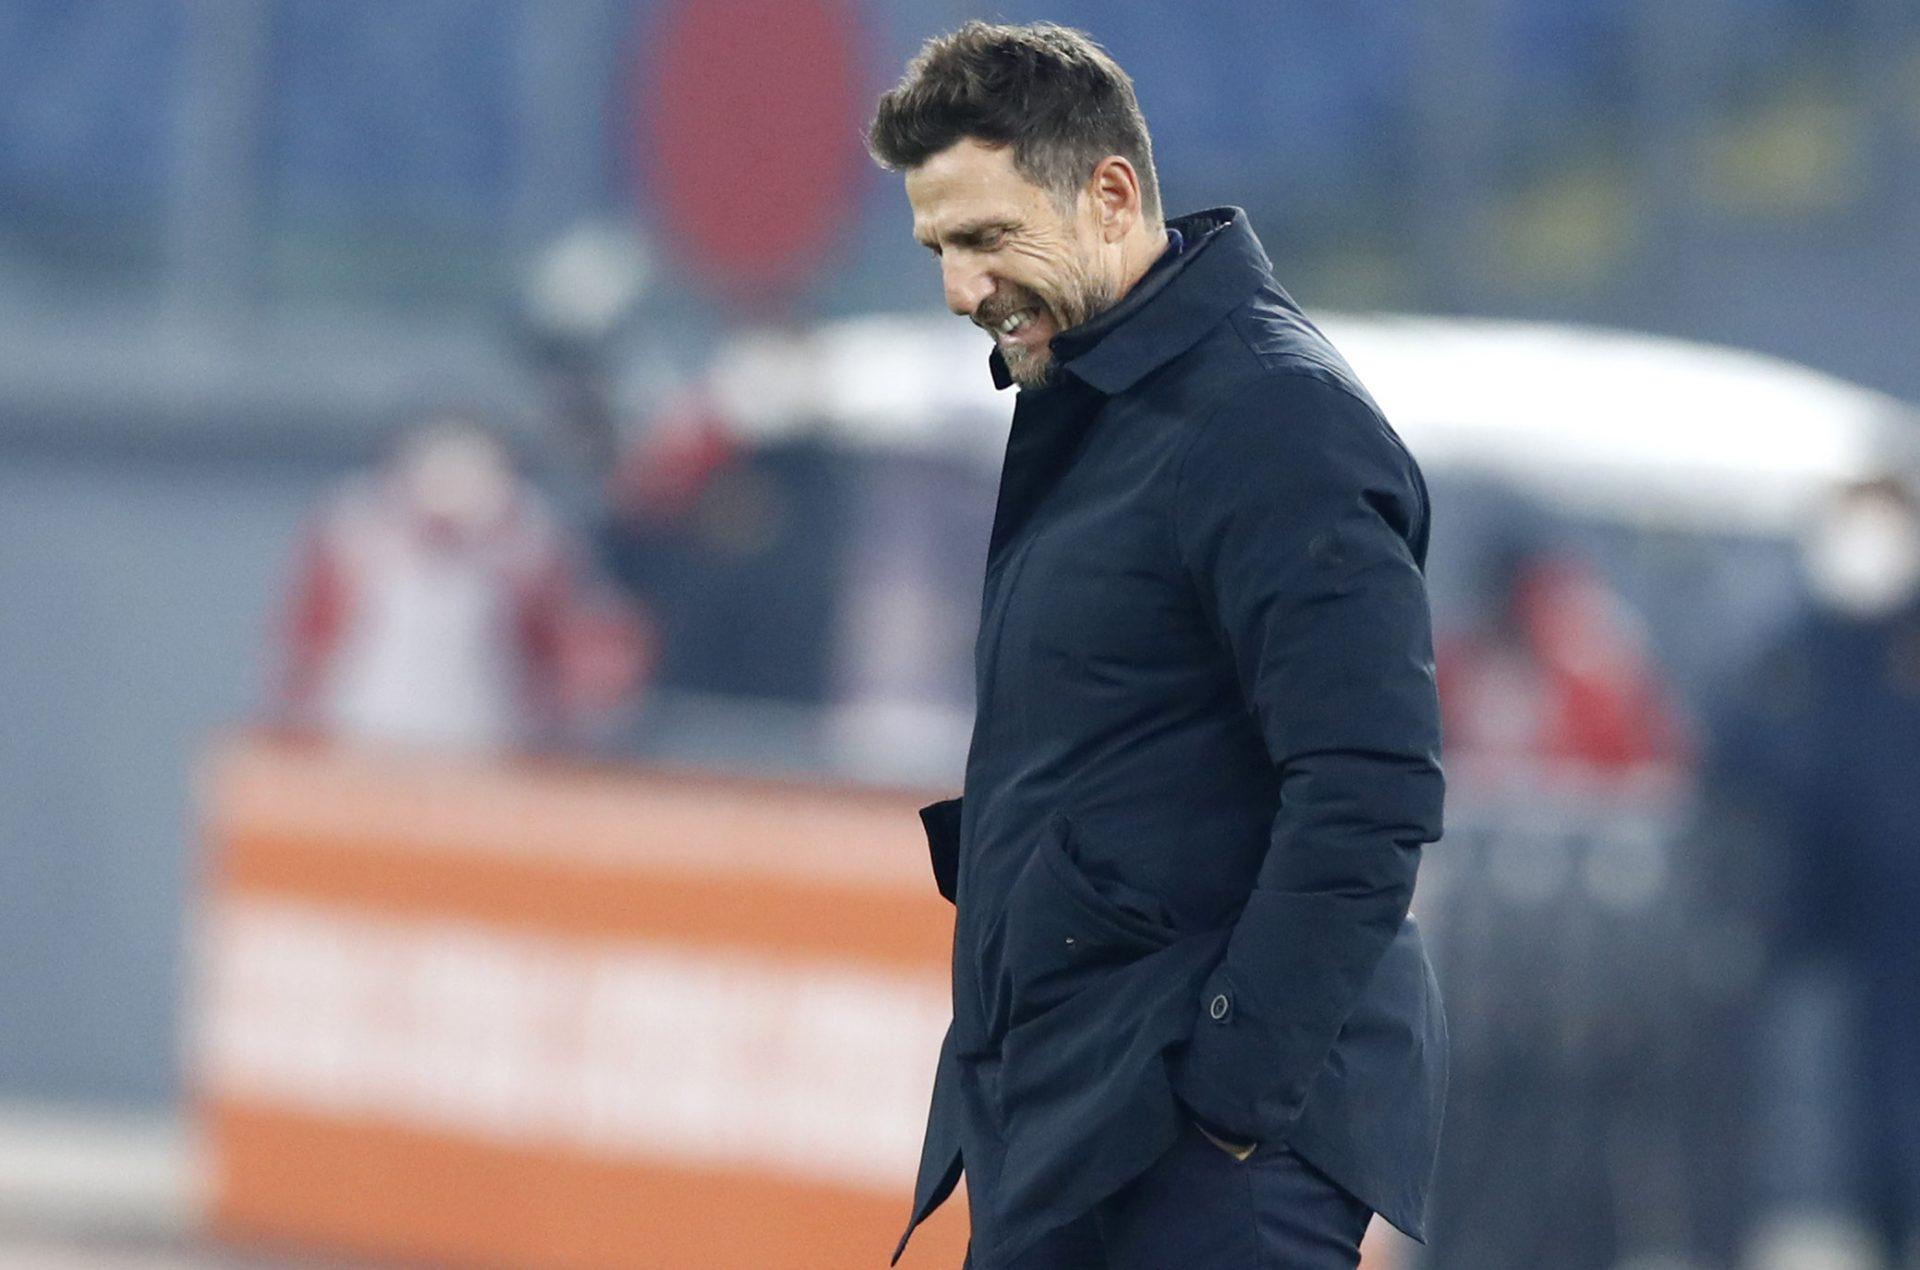 Quattordicesima giornata Serie A, Roma-Cagliari: probabili formazioni, orario e dove vederla